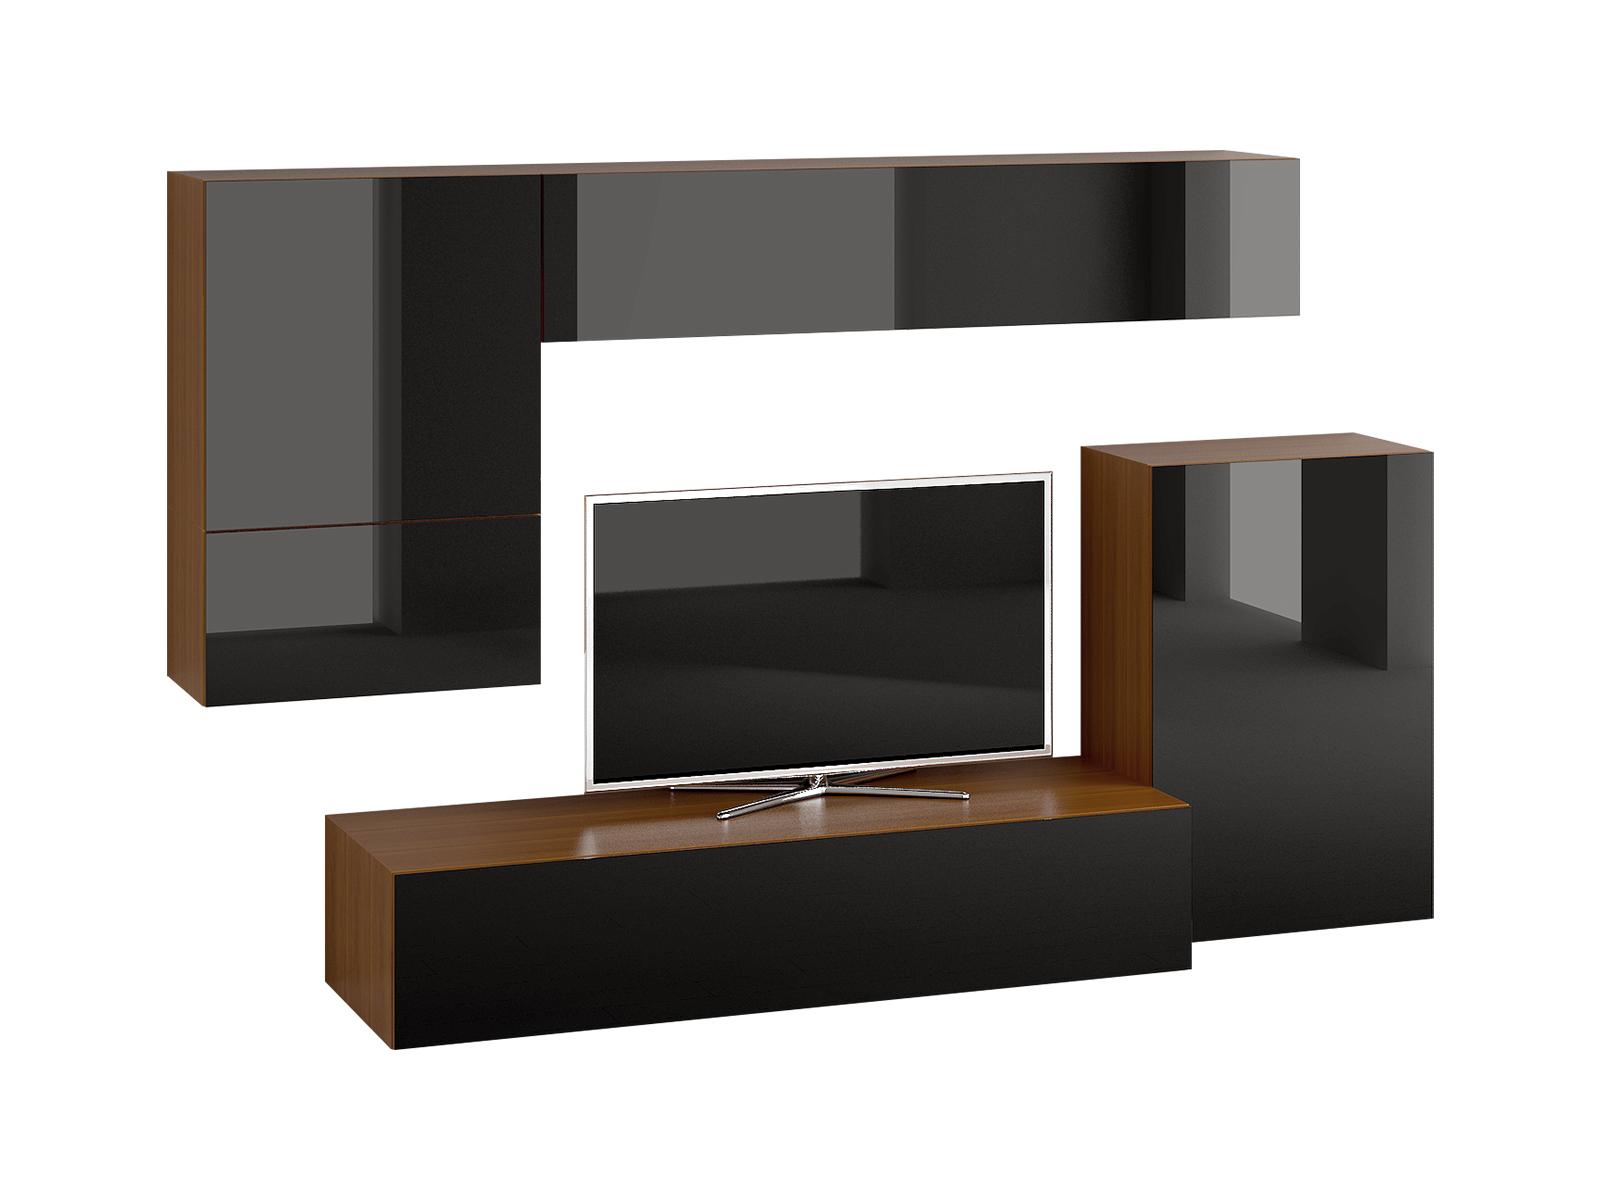 Композиция Cubo 20 со стеклом на фасадах черного цвета